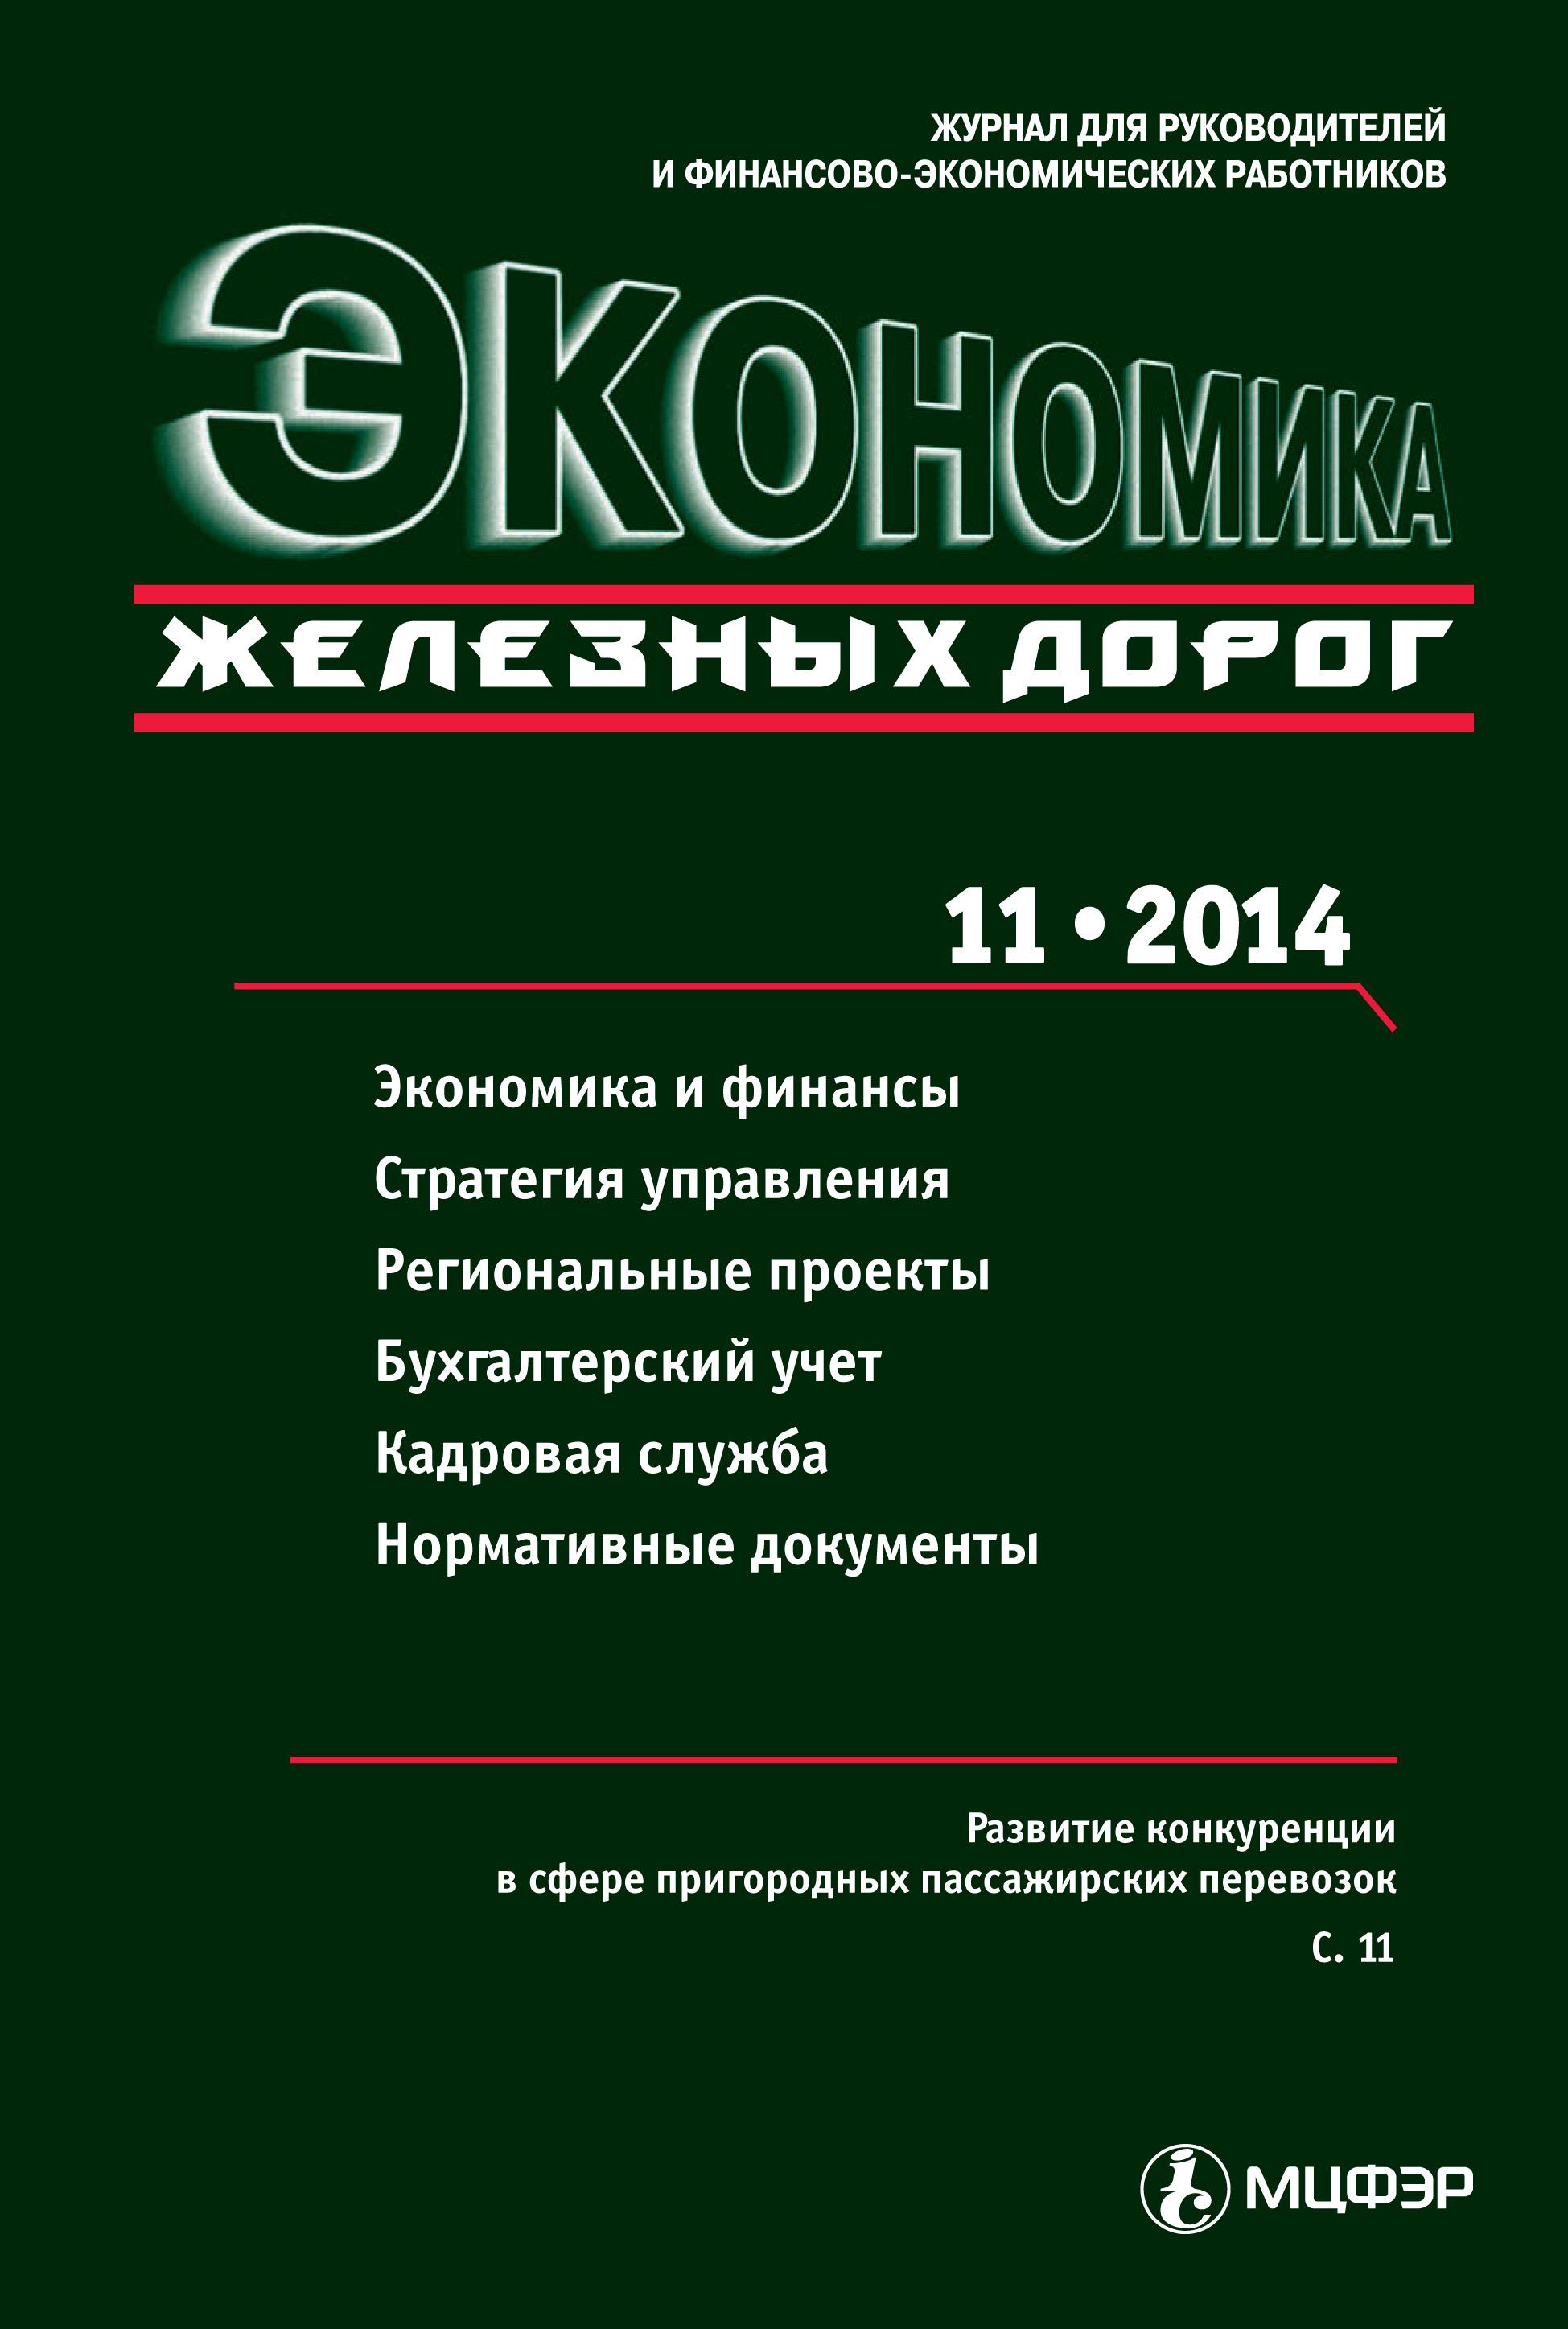 Экономика железных дорог №11/2014